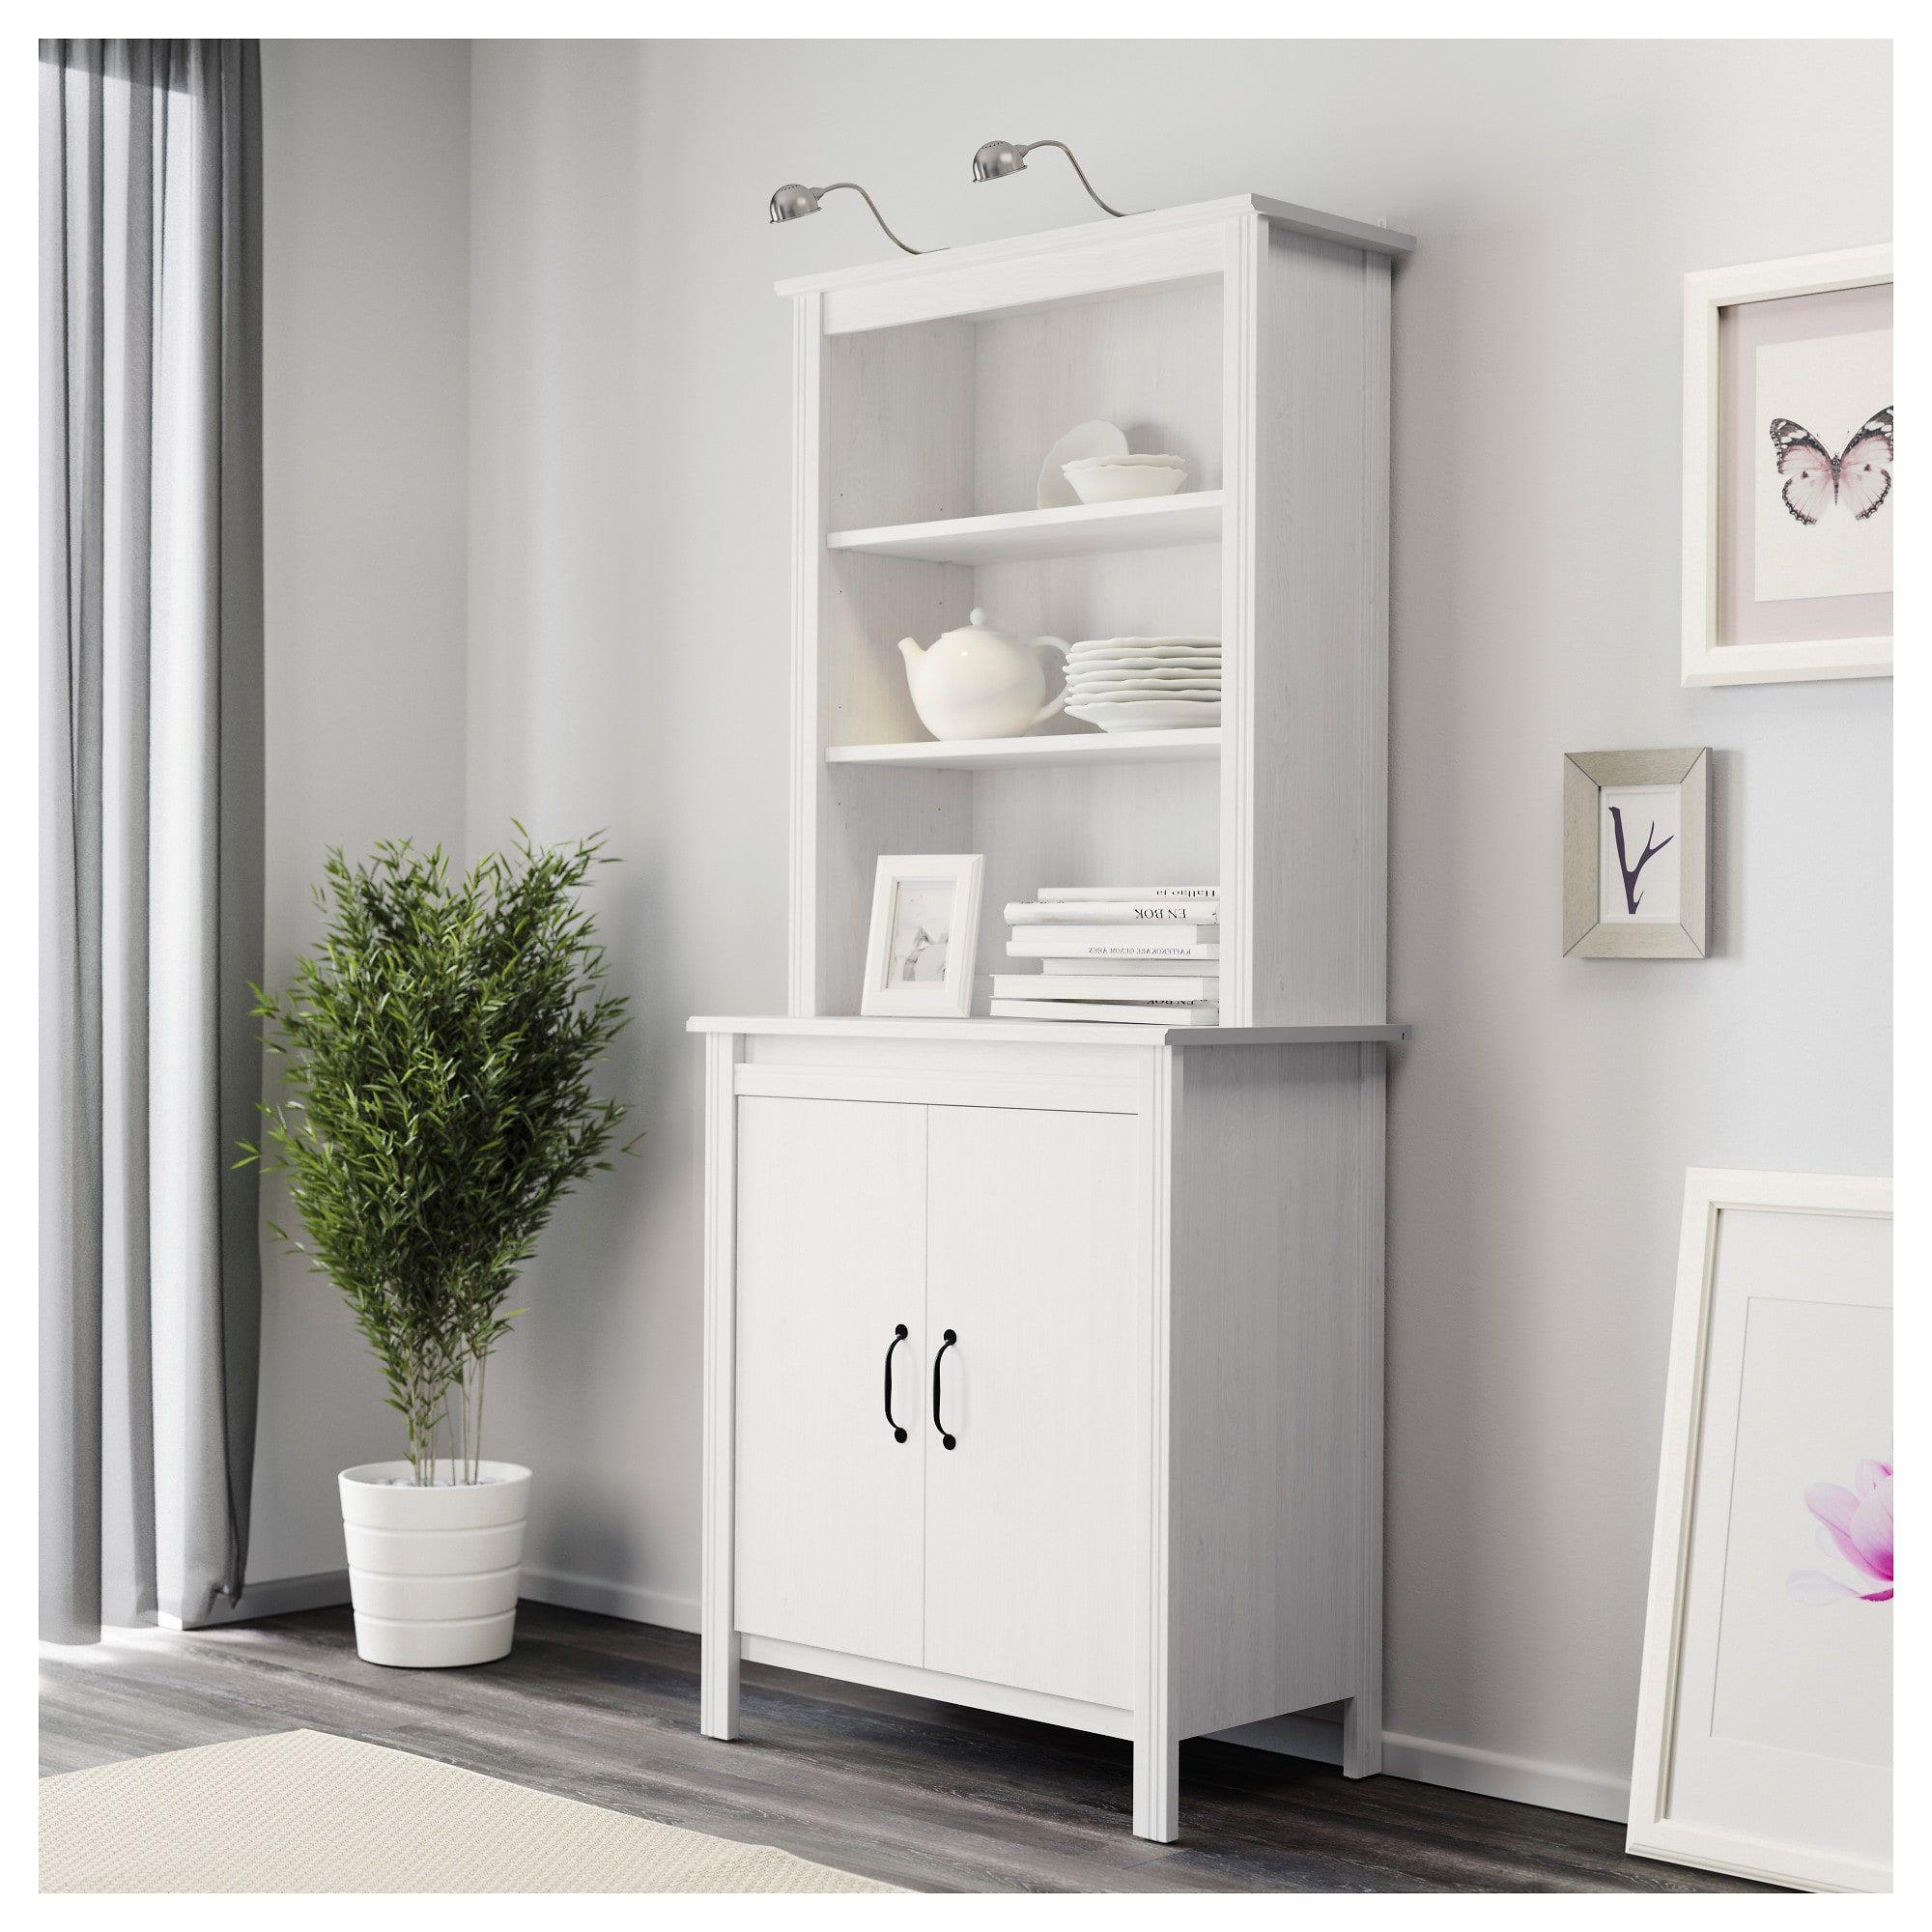 brusali hochschrank mit t r wei kitchen pinterest schrank hochschrank and kommode mit t ren. Black Bedroom Furniture Sets. Home Design Ideas